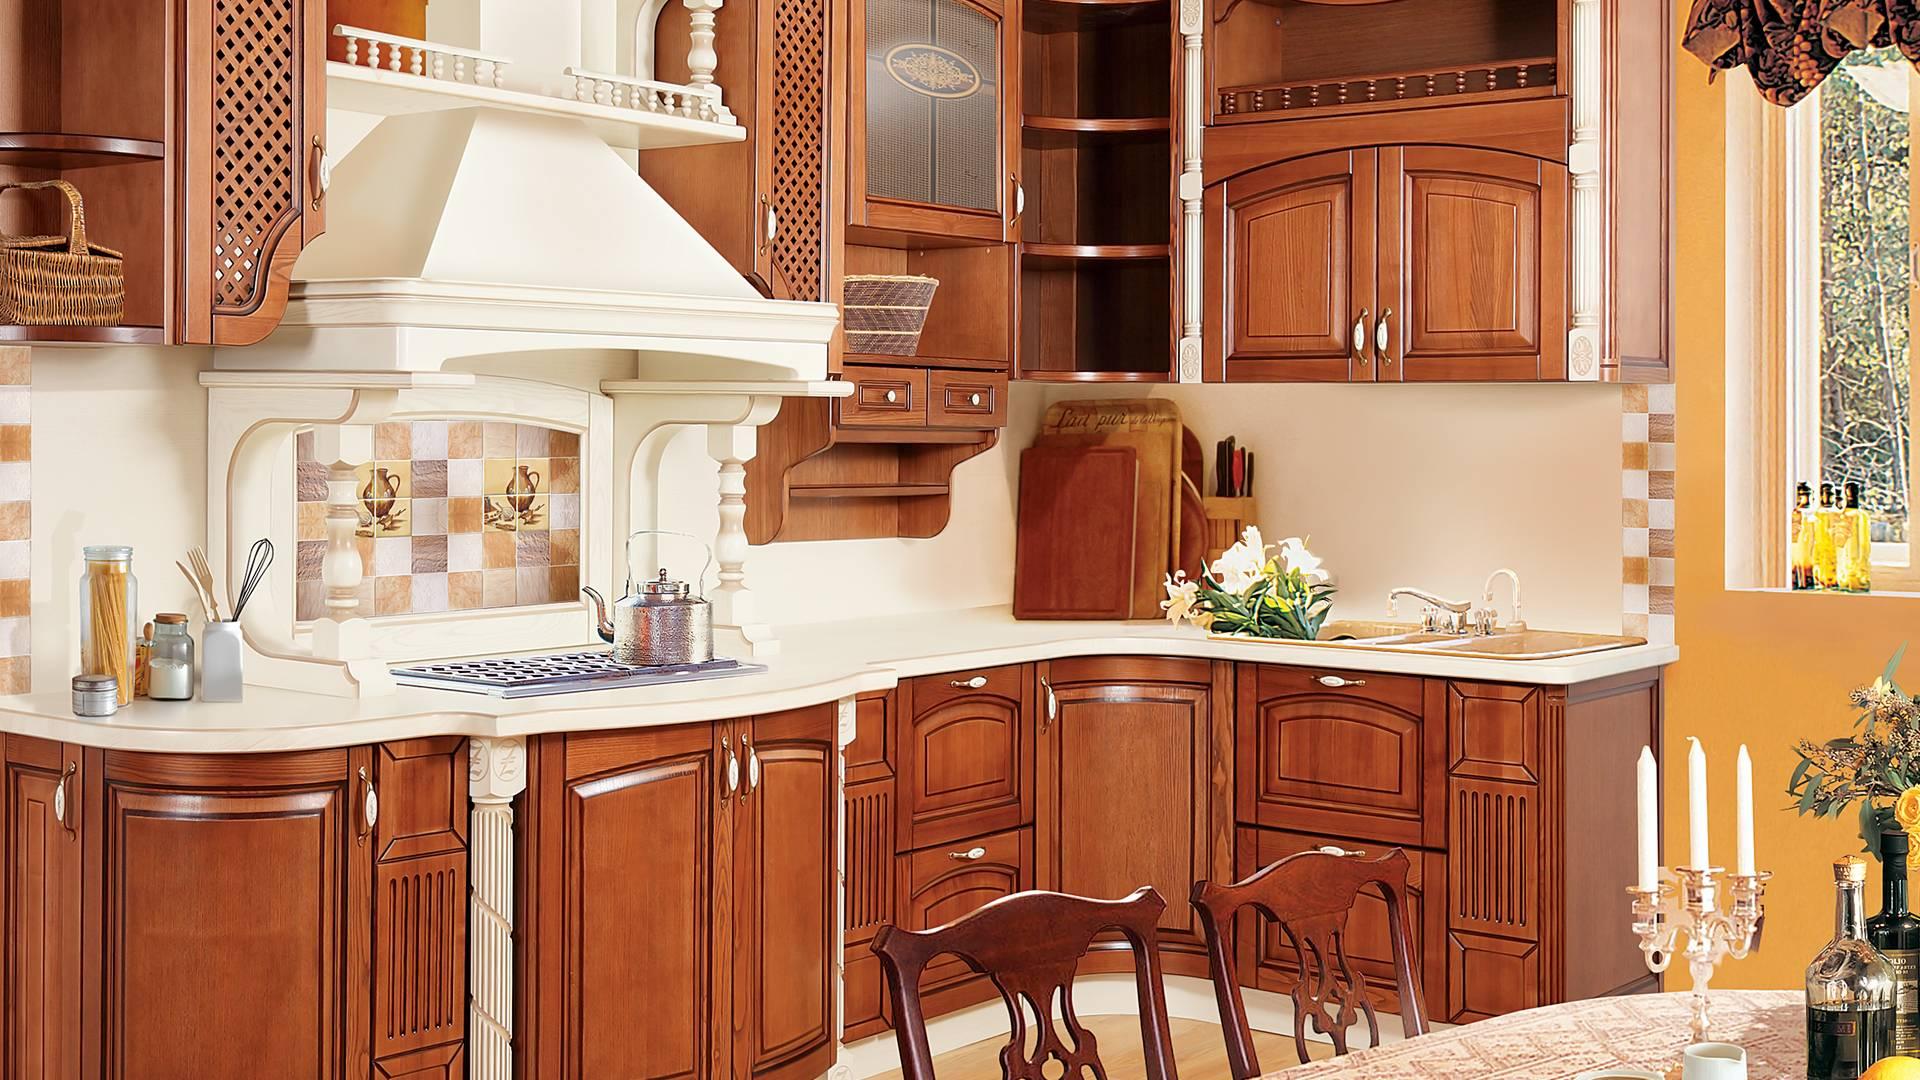 Реставрация и ремонт кухонной мебели: профессиональная помощь и достойный результат